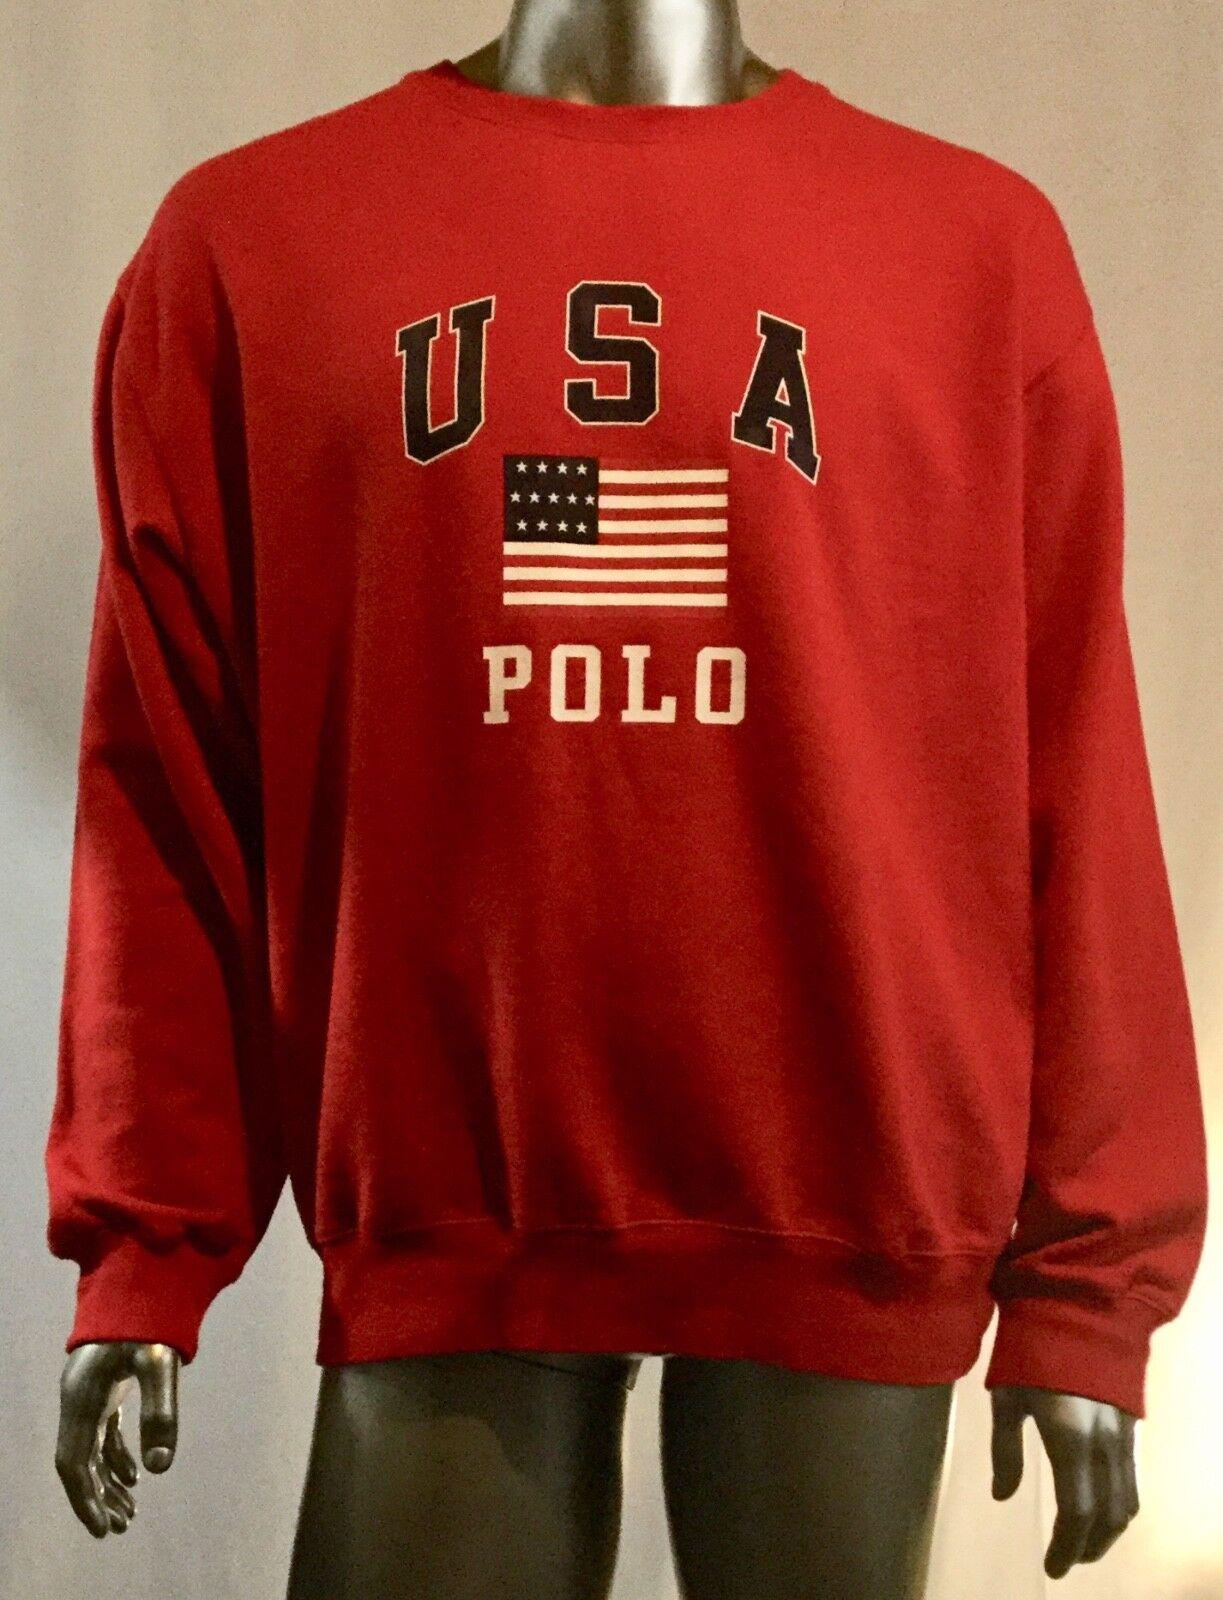 Herren Rot Polo von Ralph Lauren USA Flagge Spellout Sweatshirt Größe XL